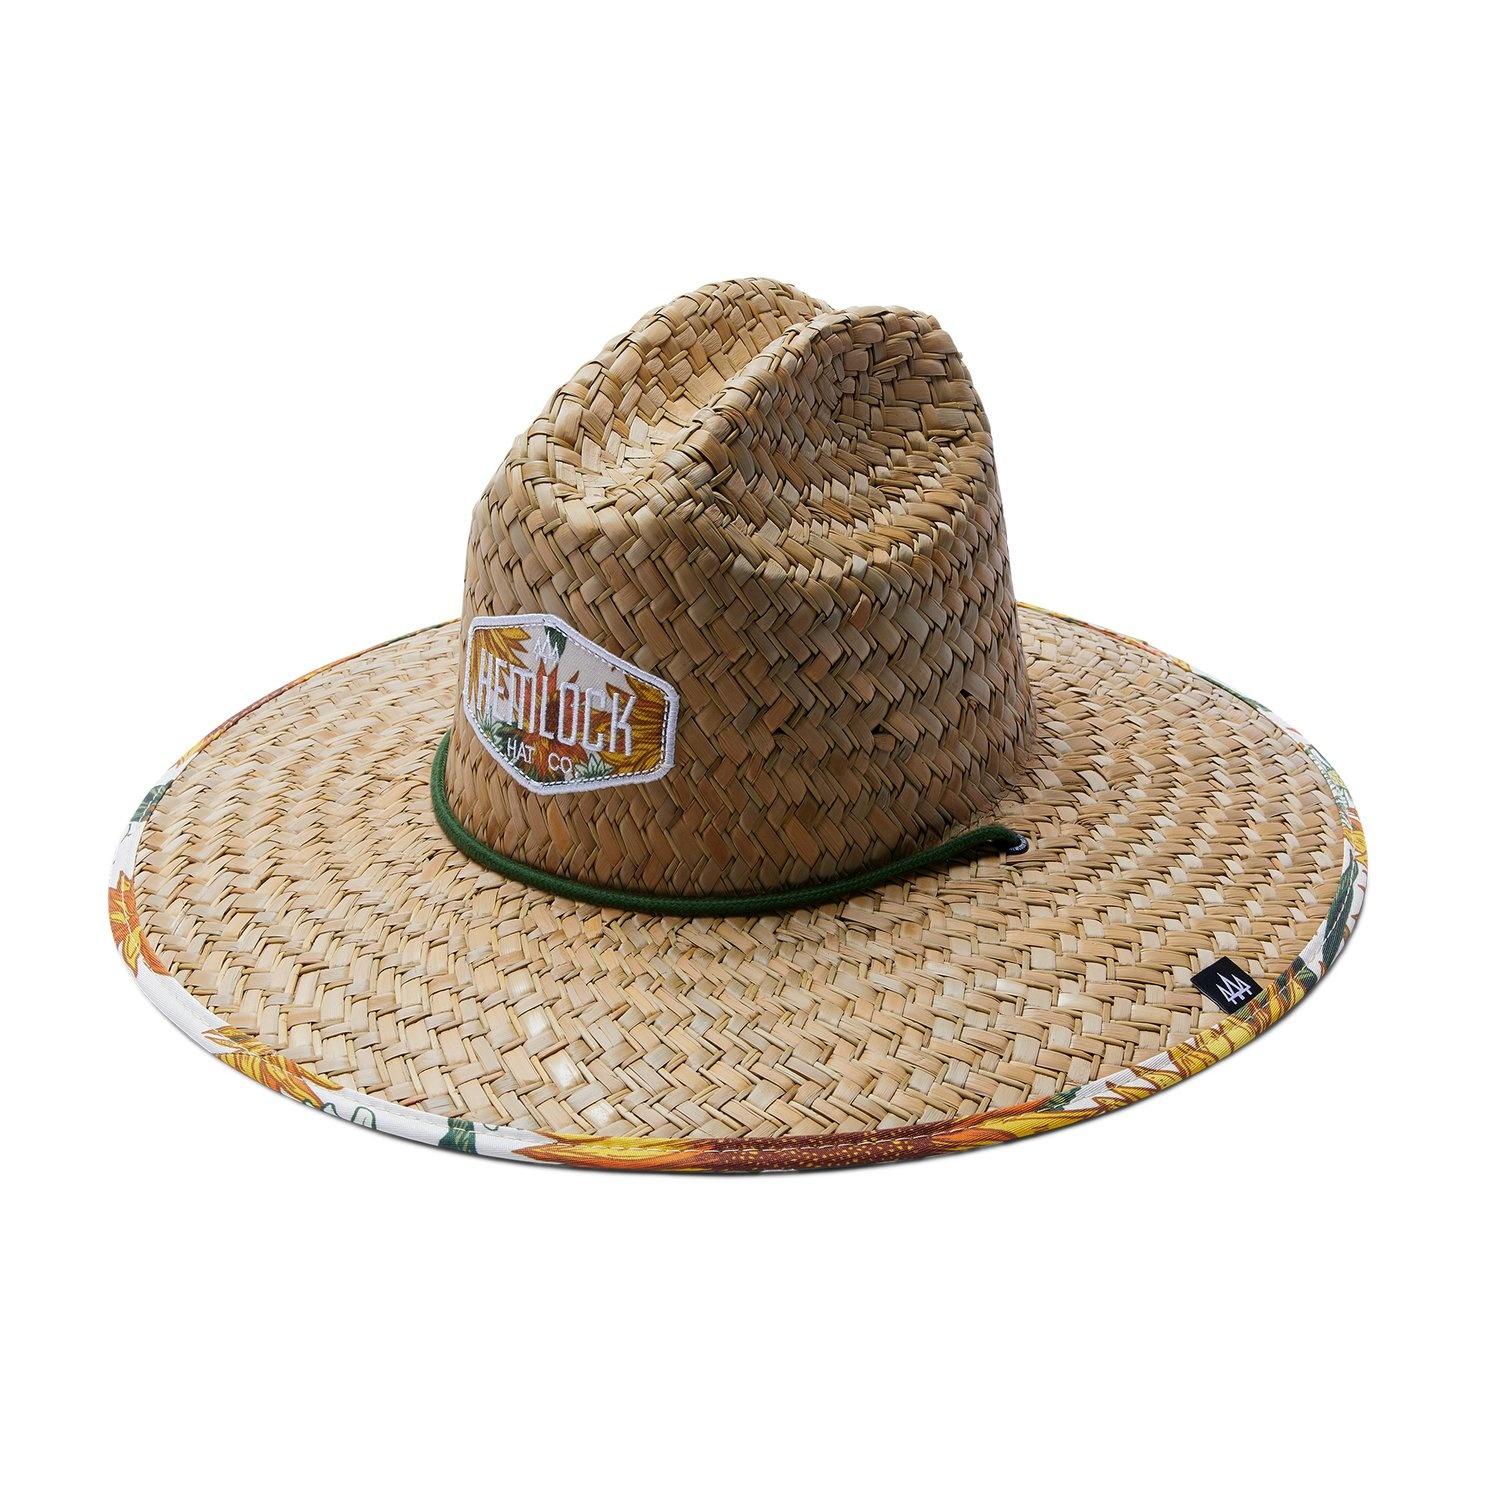 HEMLOCK Hemlock Hat